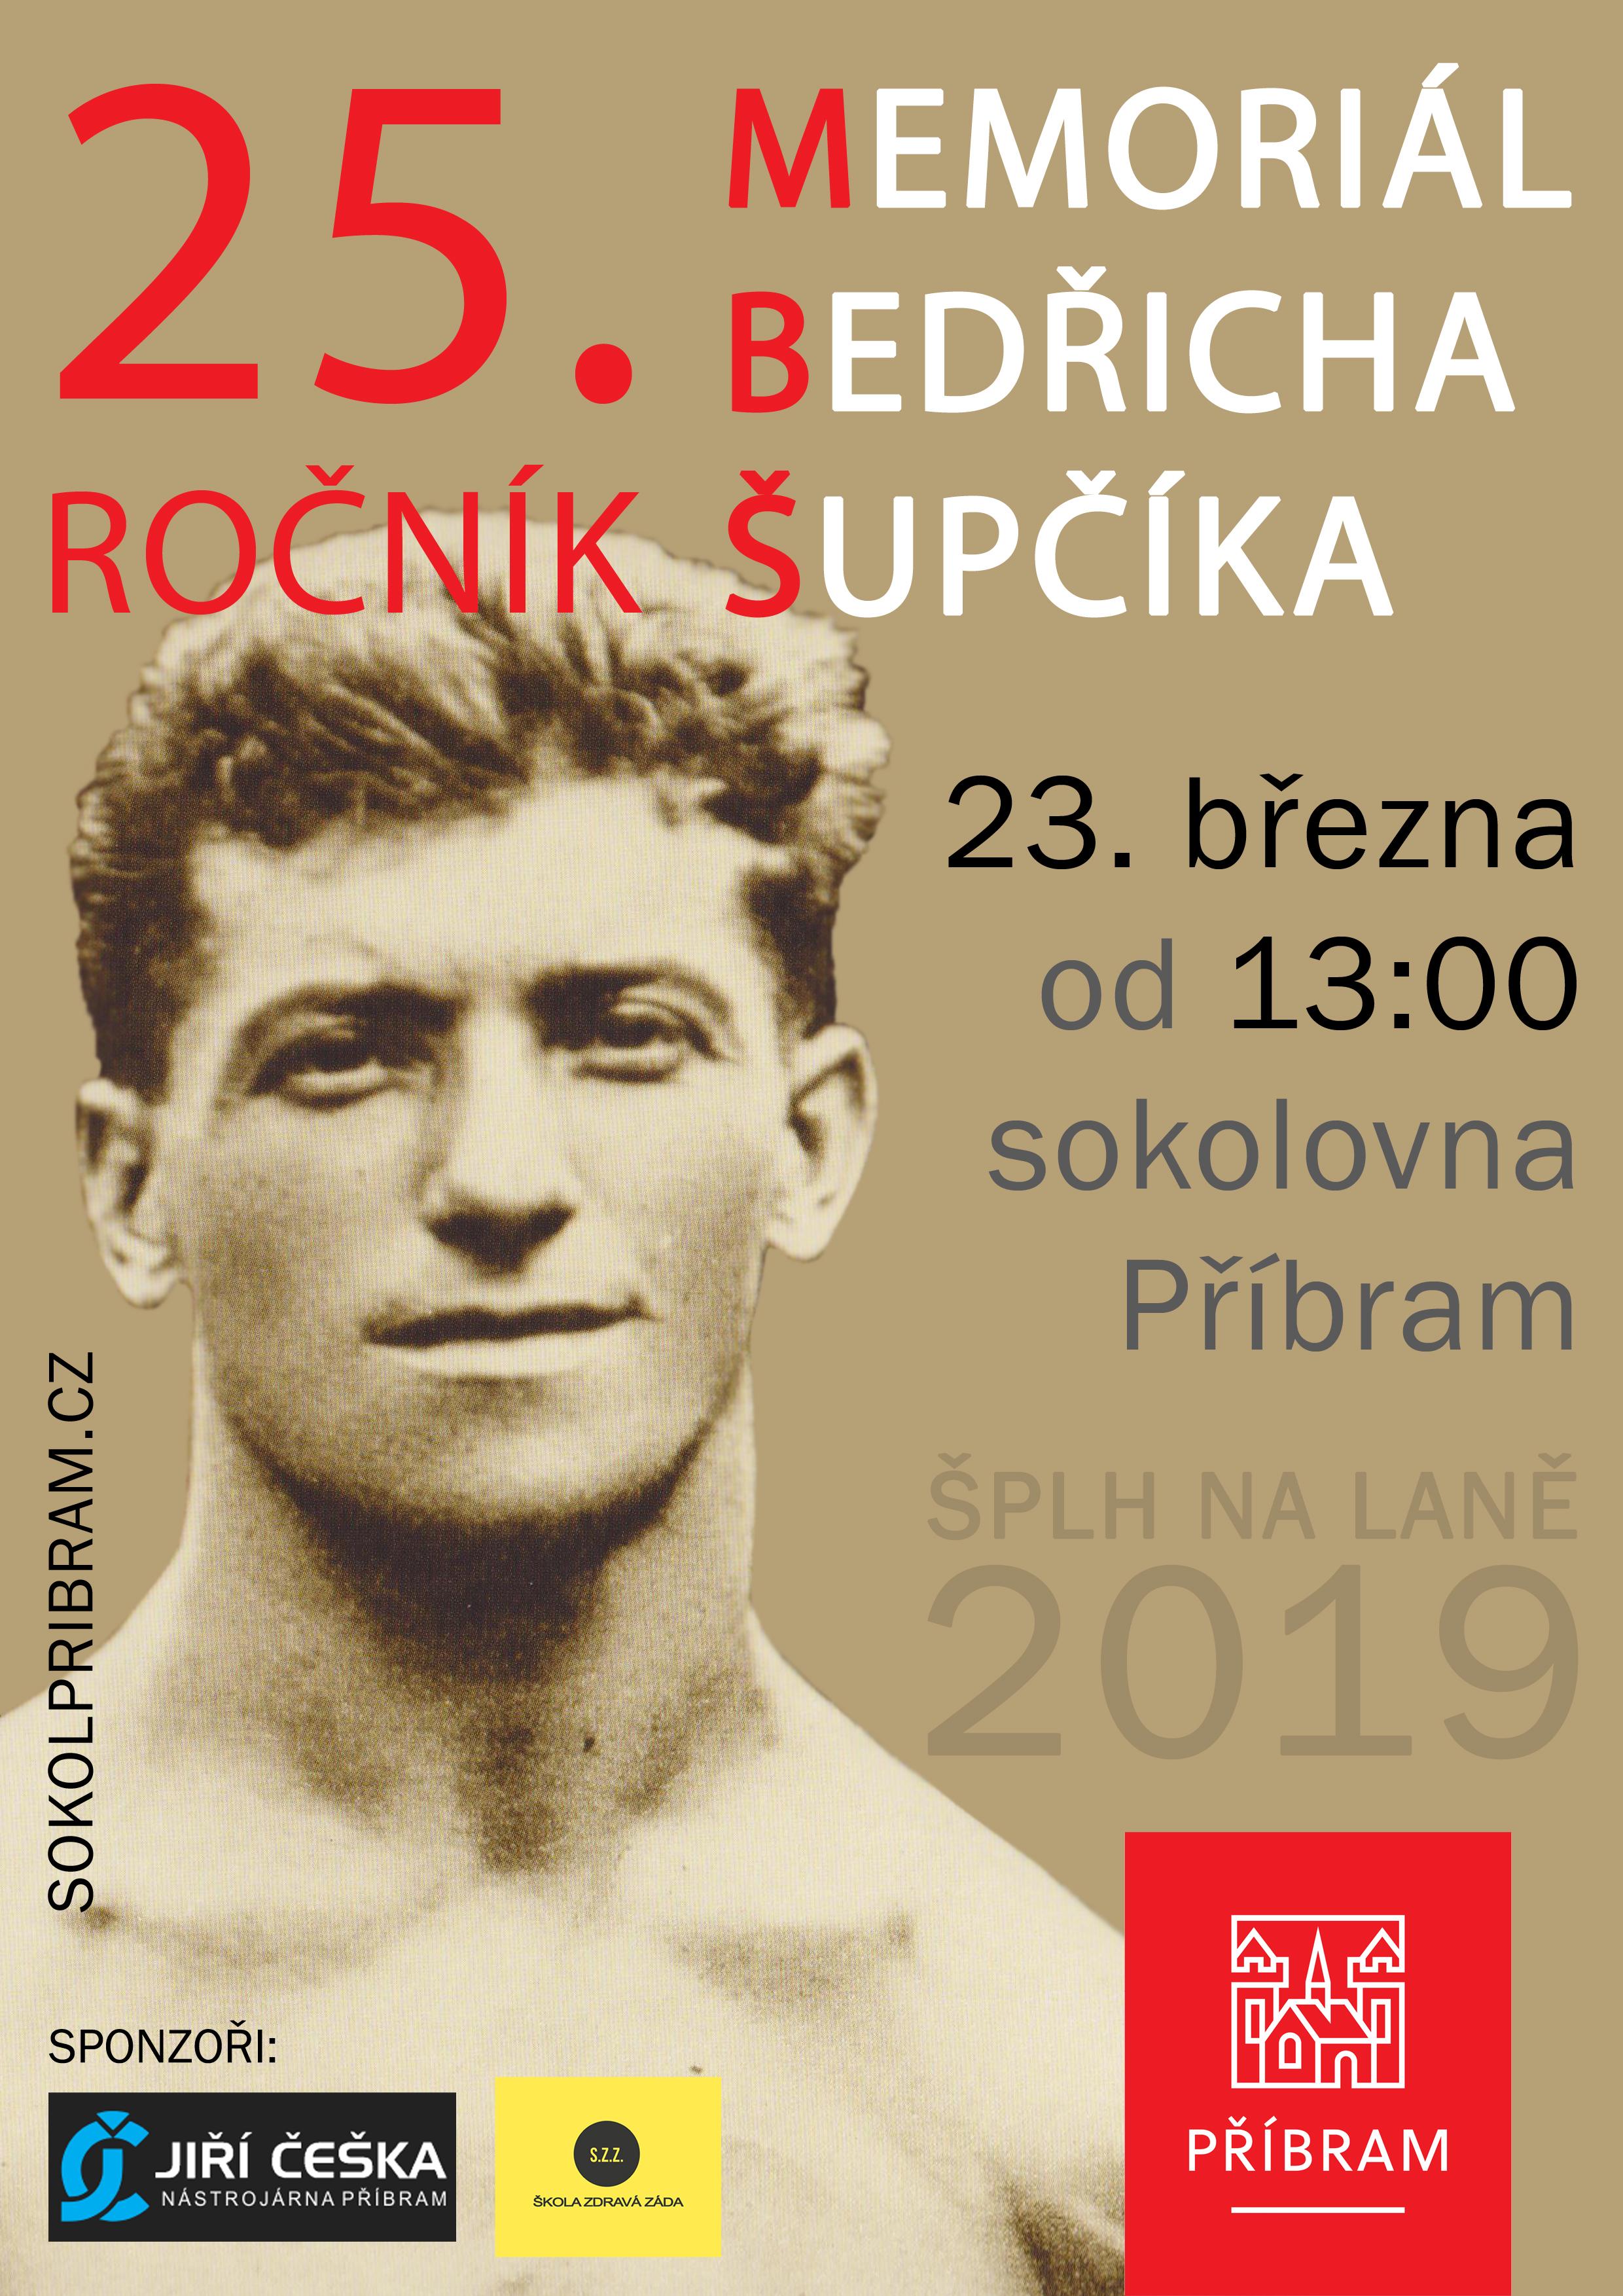 VC Memoriál Bedřicha Šupčíka 2019 - plakát